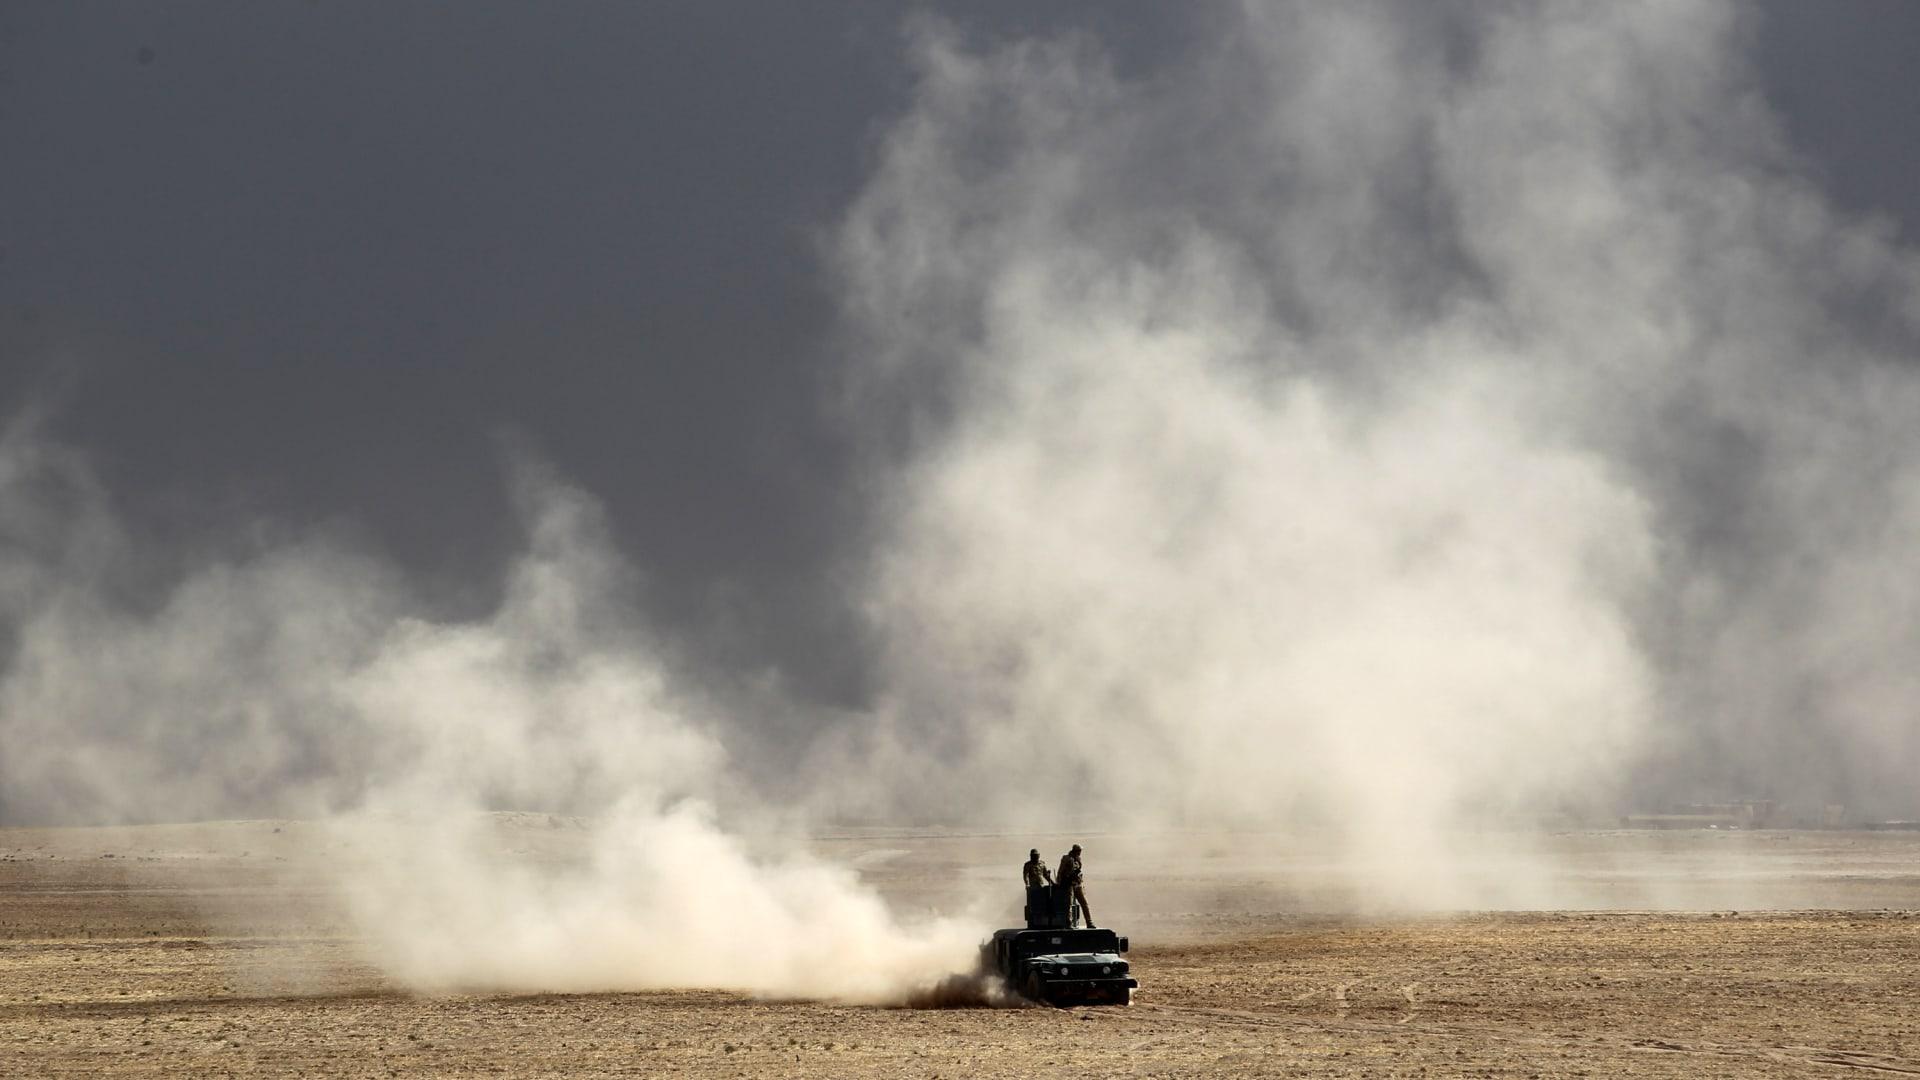 العفو الدولية: السنة يواجهون انتقاما وحشيا من الحشد الشعبي في الموصل